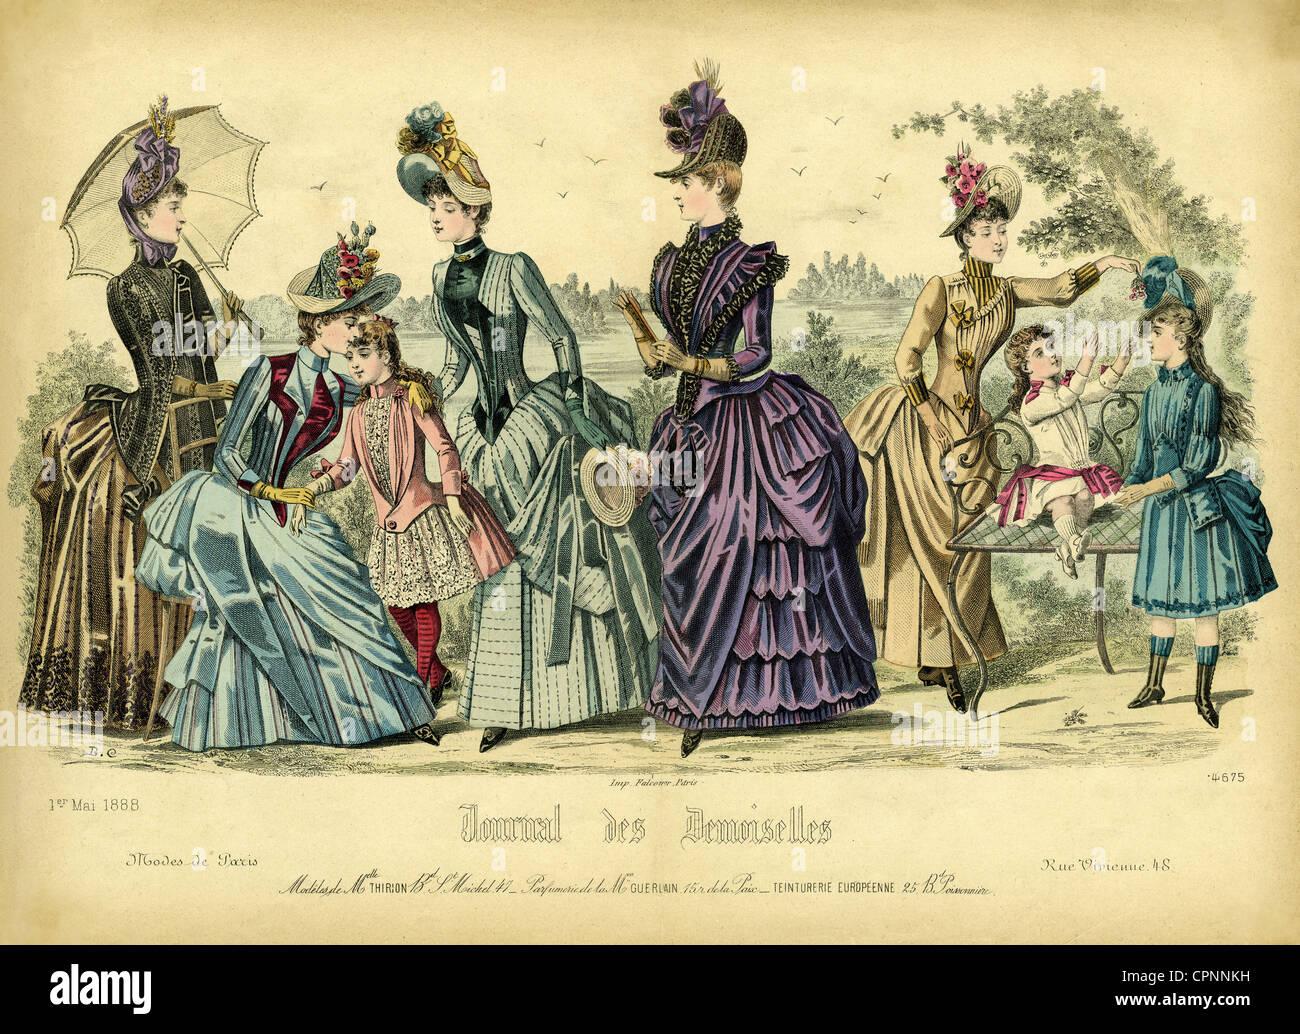 La moda, la moda de París, las mujeres y los niños, de la revista de moda 'Journal des Les Demoiselles', Imagen De Stock